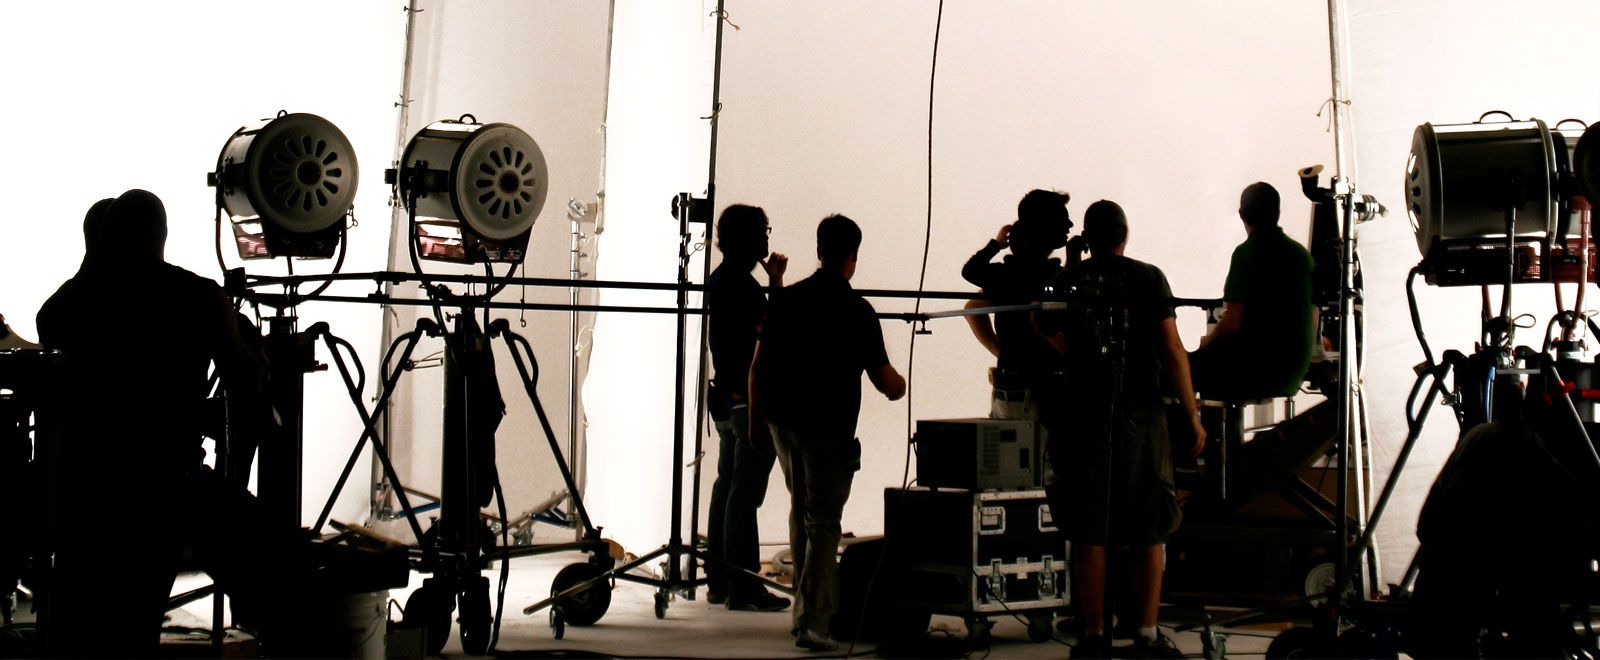 Под надзором объективов: как происходит съёмка концерта